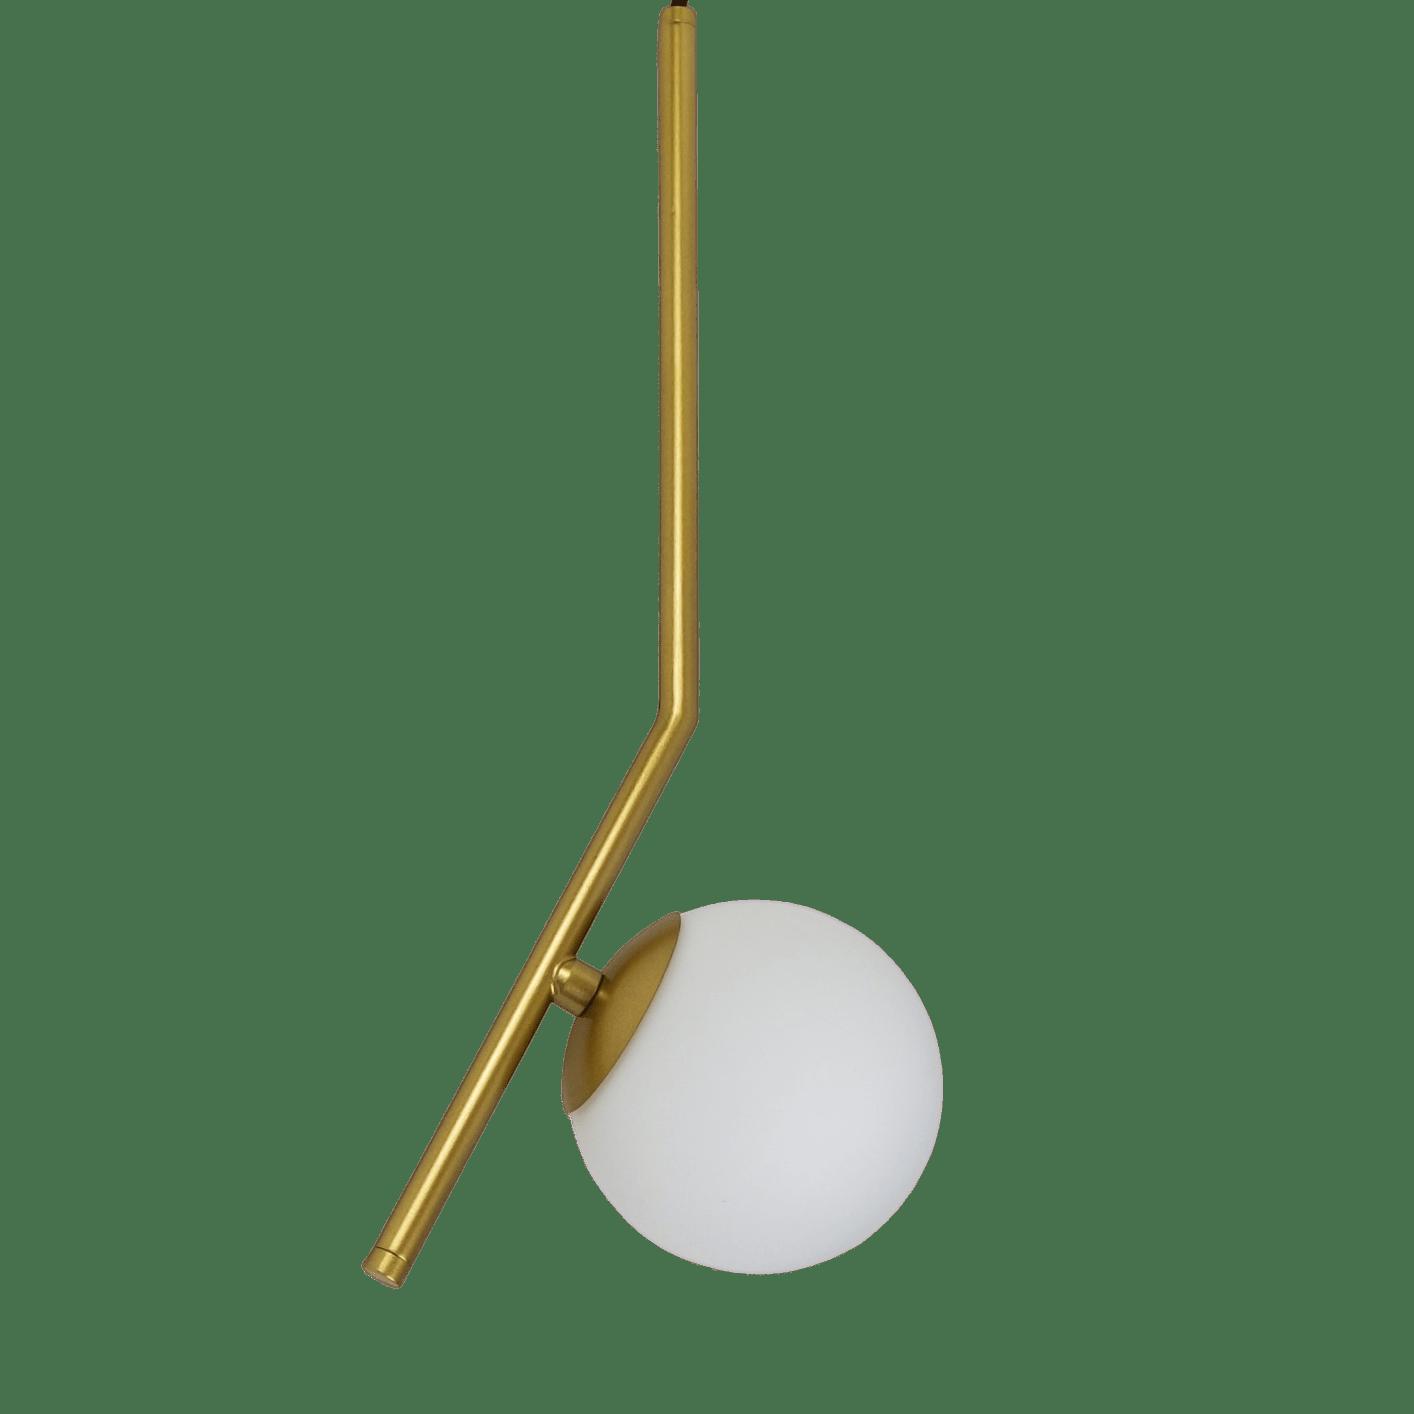 Pendente Dourado com Bolinha de Vidro Fosco - Esfera em Ângulo